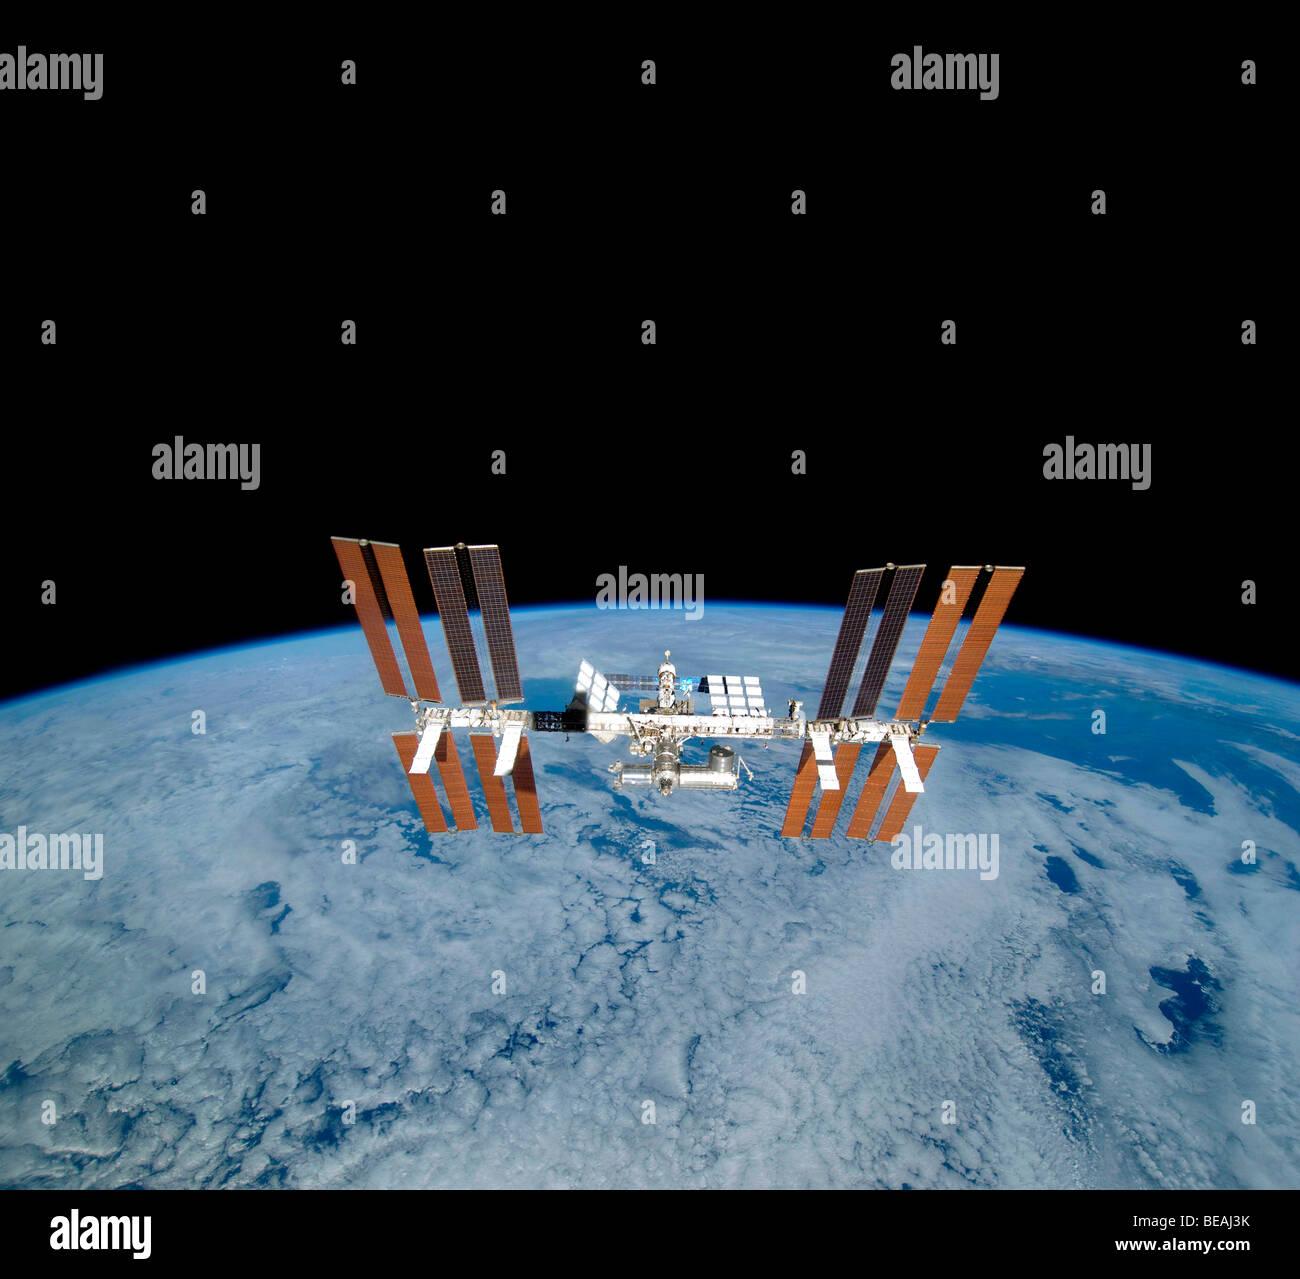 Station spatiale internationale. Version optimisée et améliorée d'un original de l'image Photo Stock